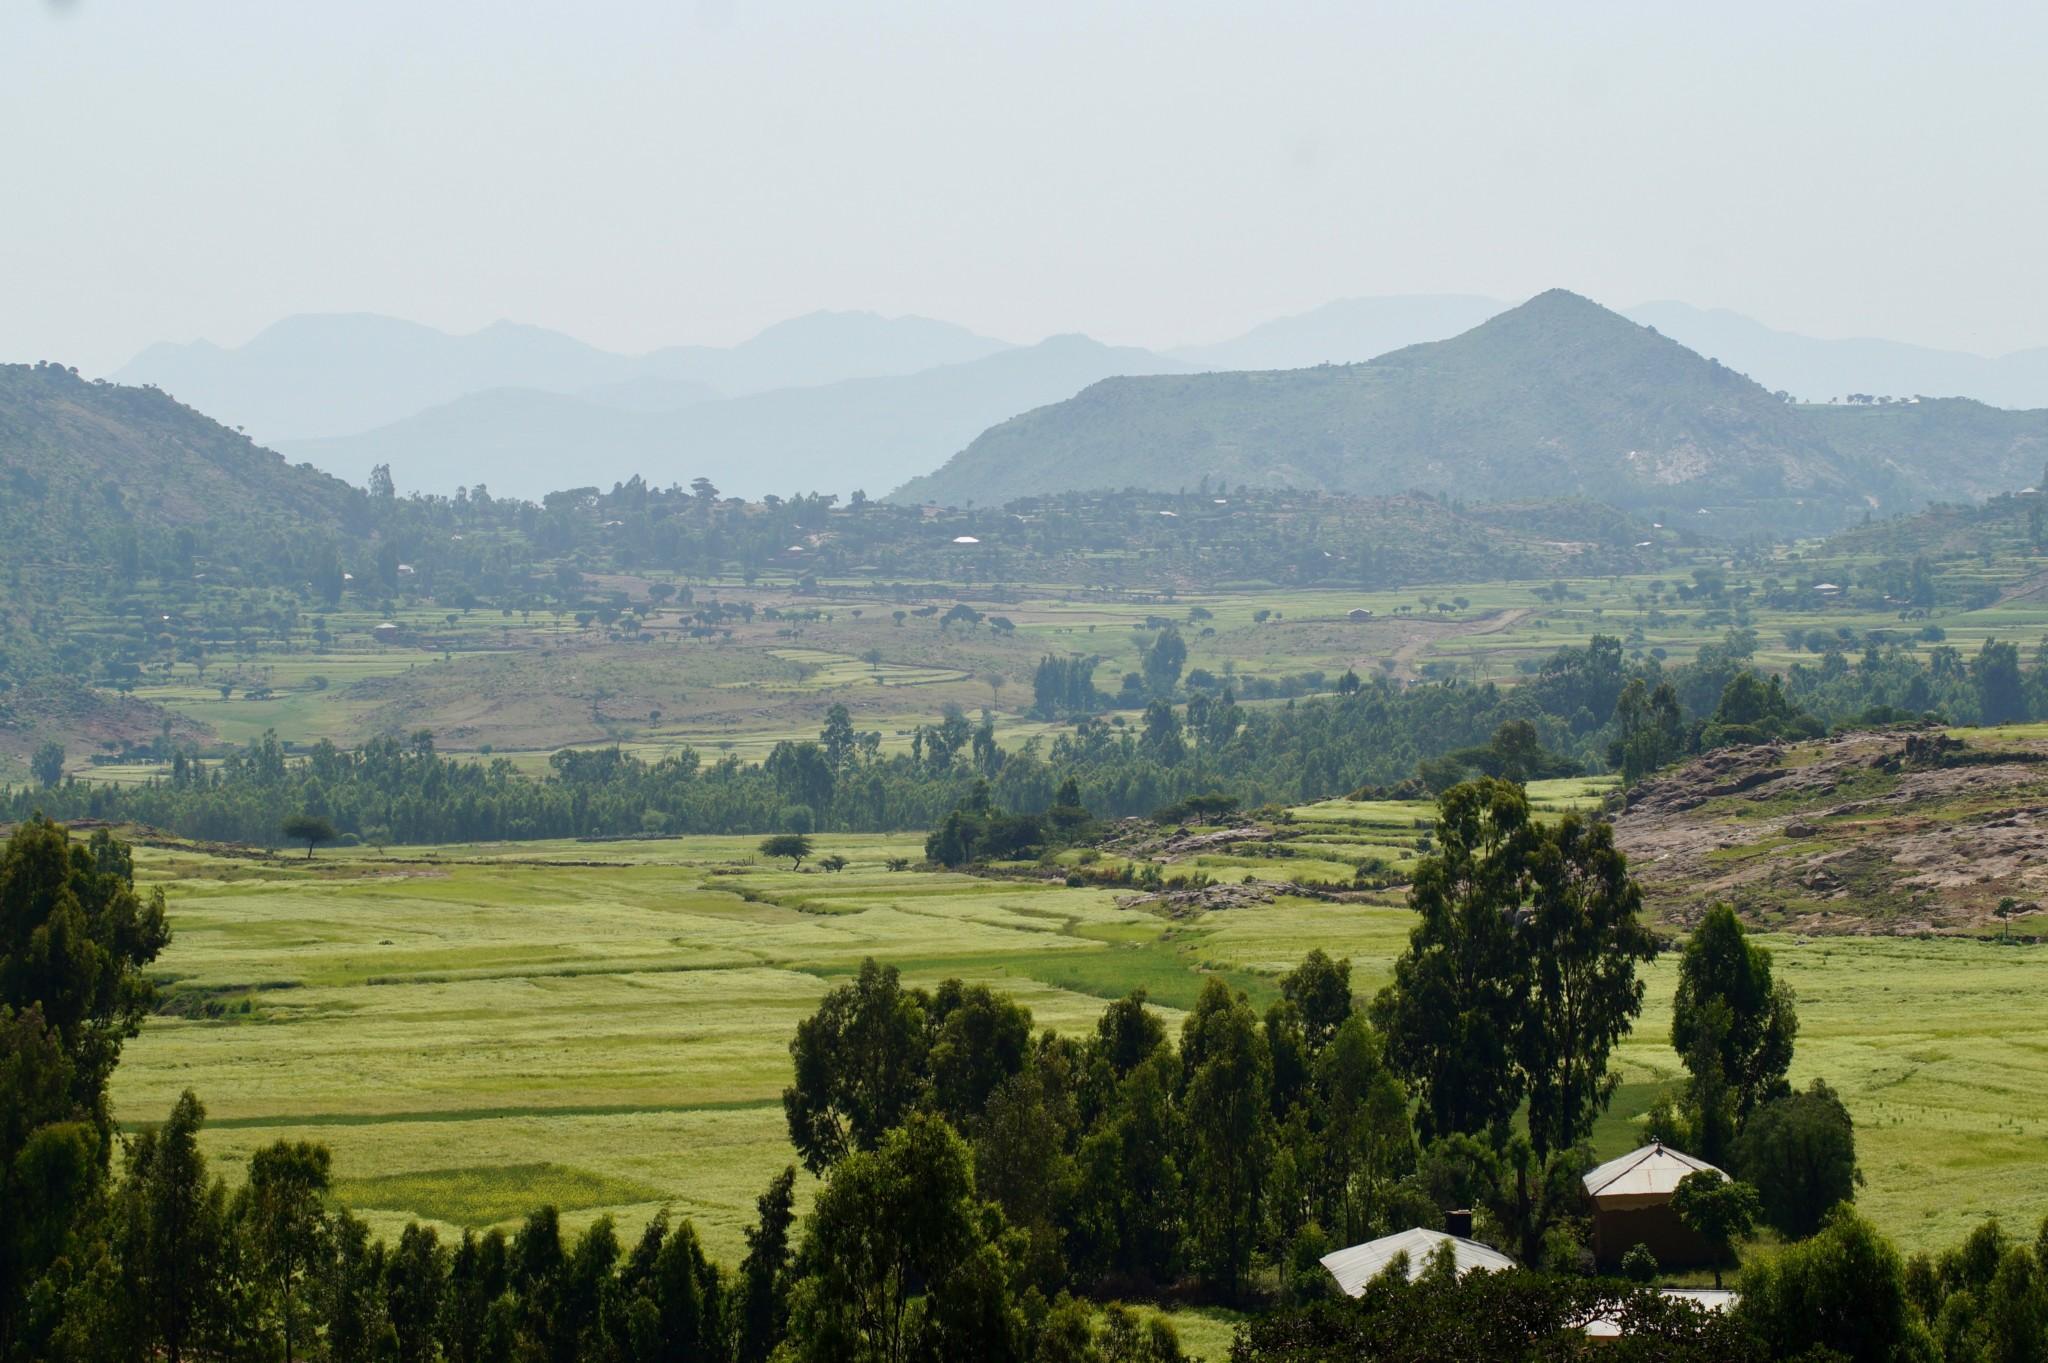 Schöne Aussicht im Simien Nationalpark in Äthiopien